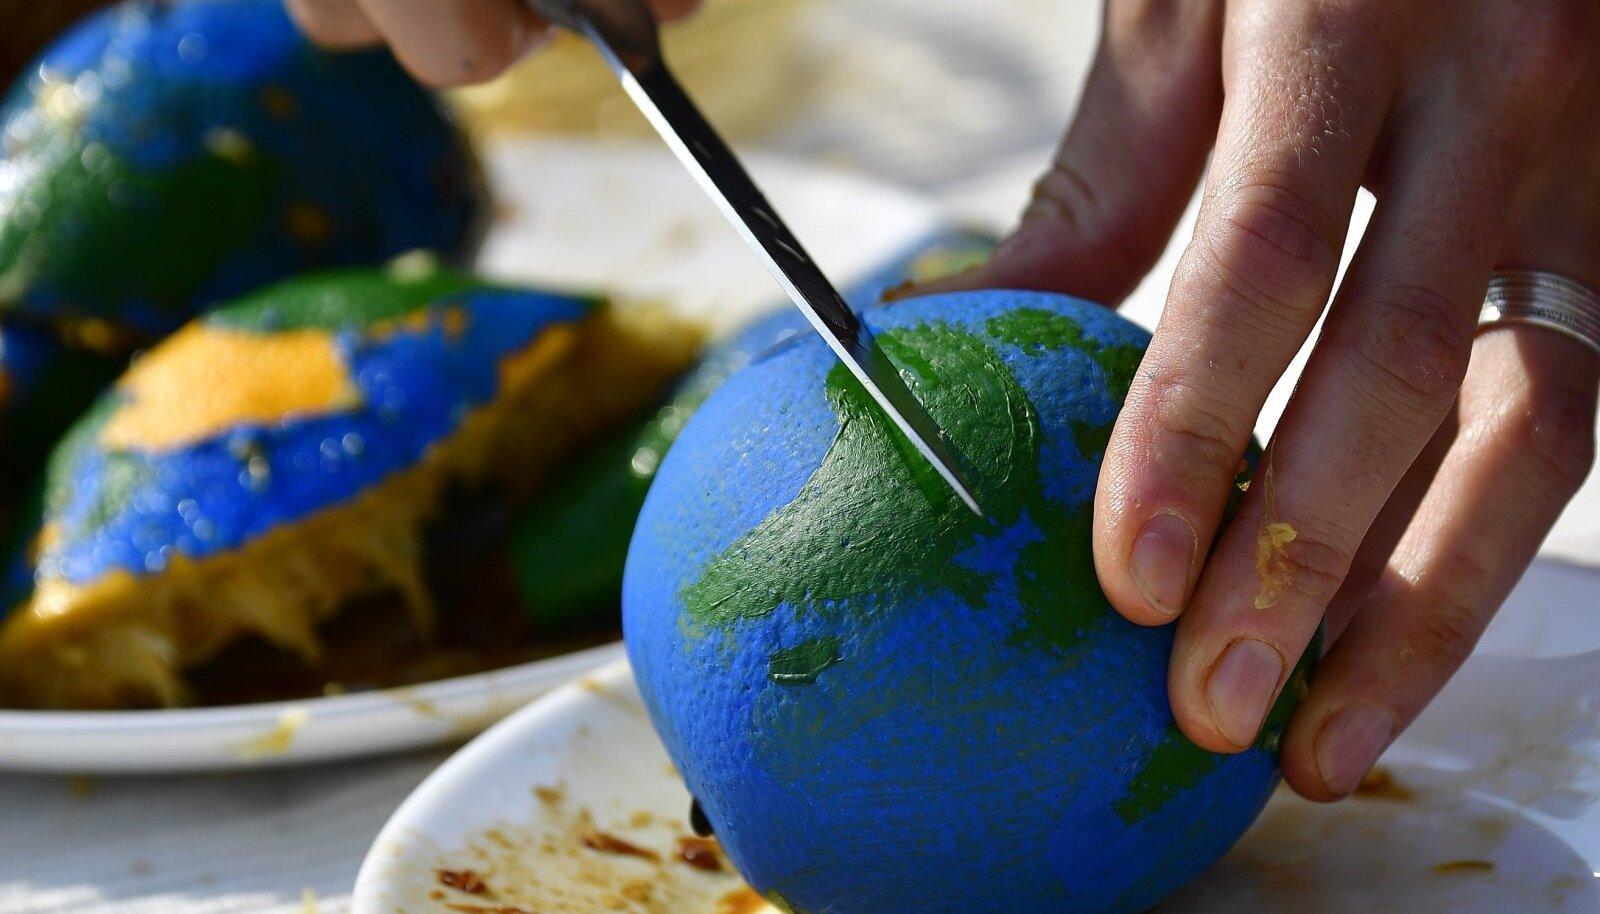 ÜHEST ENAM EI PIISA: Inimkond kulutab Maa tinglikku iga-aastase ressurssi juba seitsme kuuga.